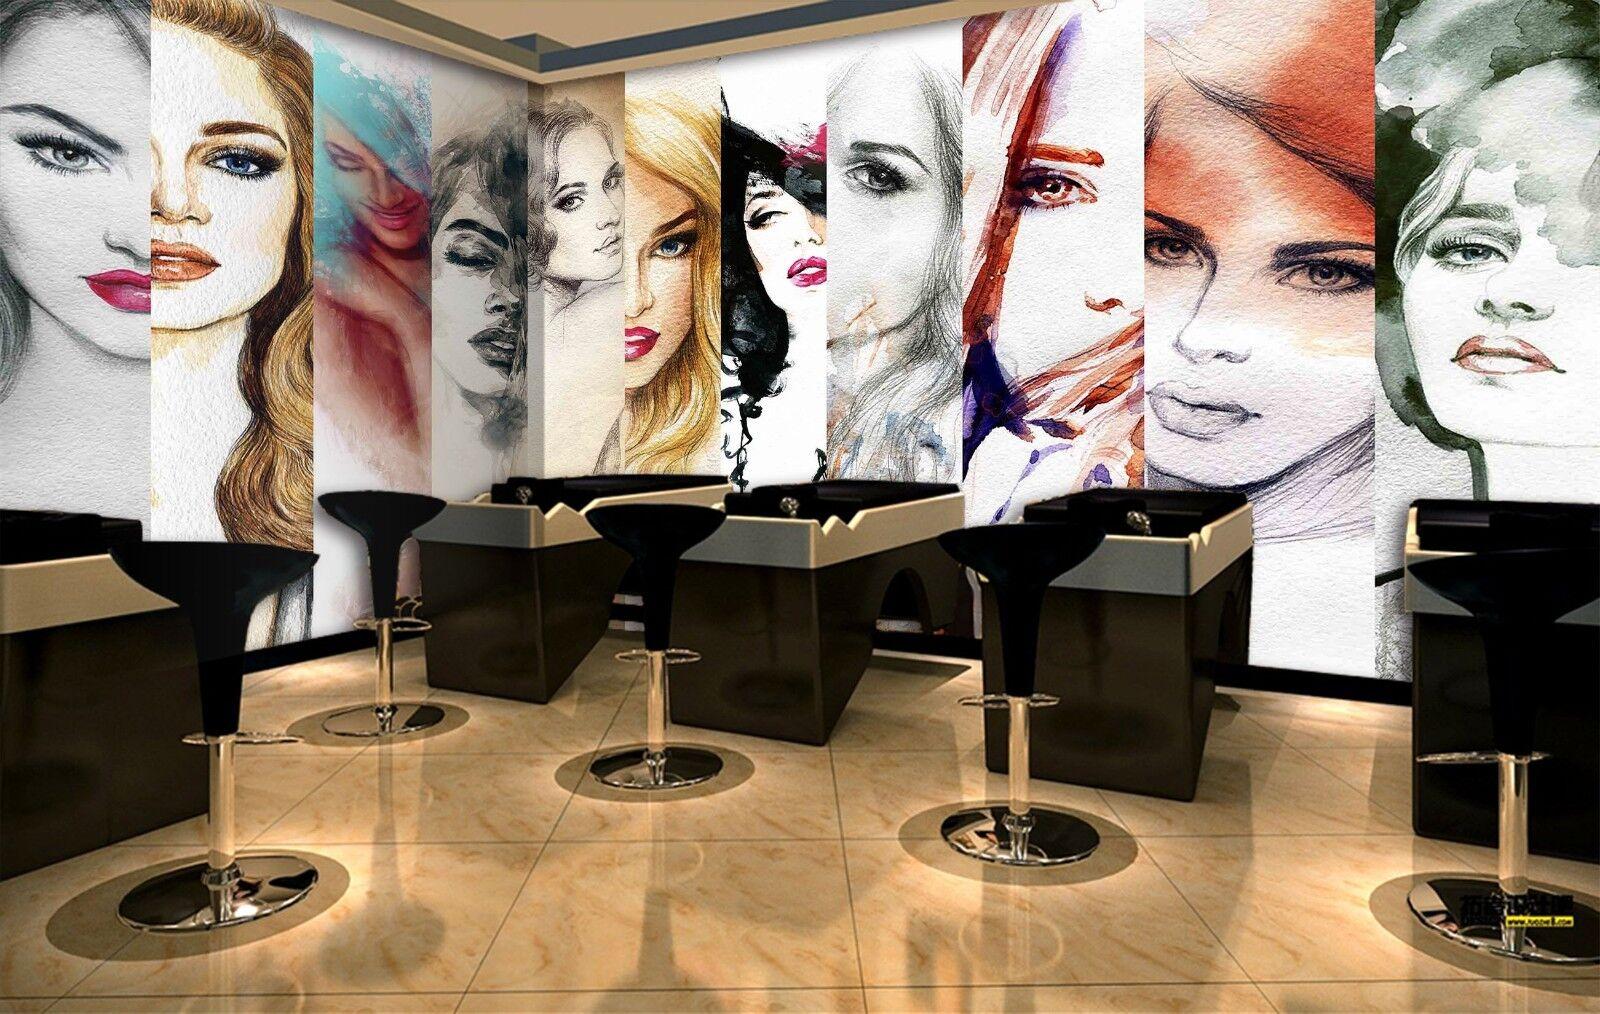 3D Girl Beauty 7217 Wallpaper Mural Wall Print Wall Wallpaper Murals US Lemon